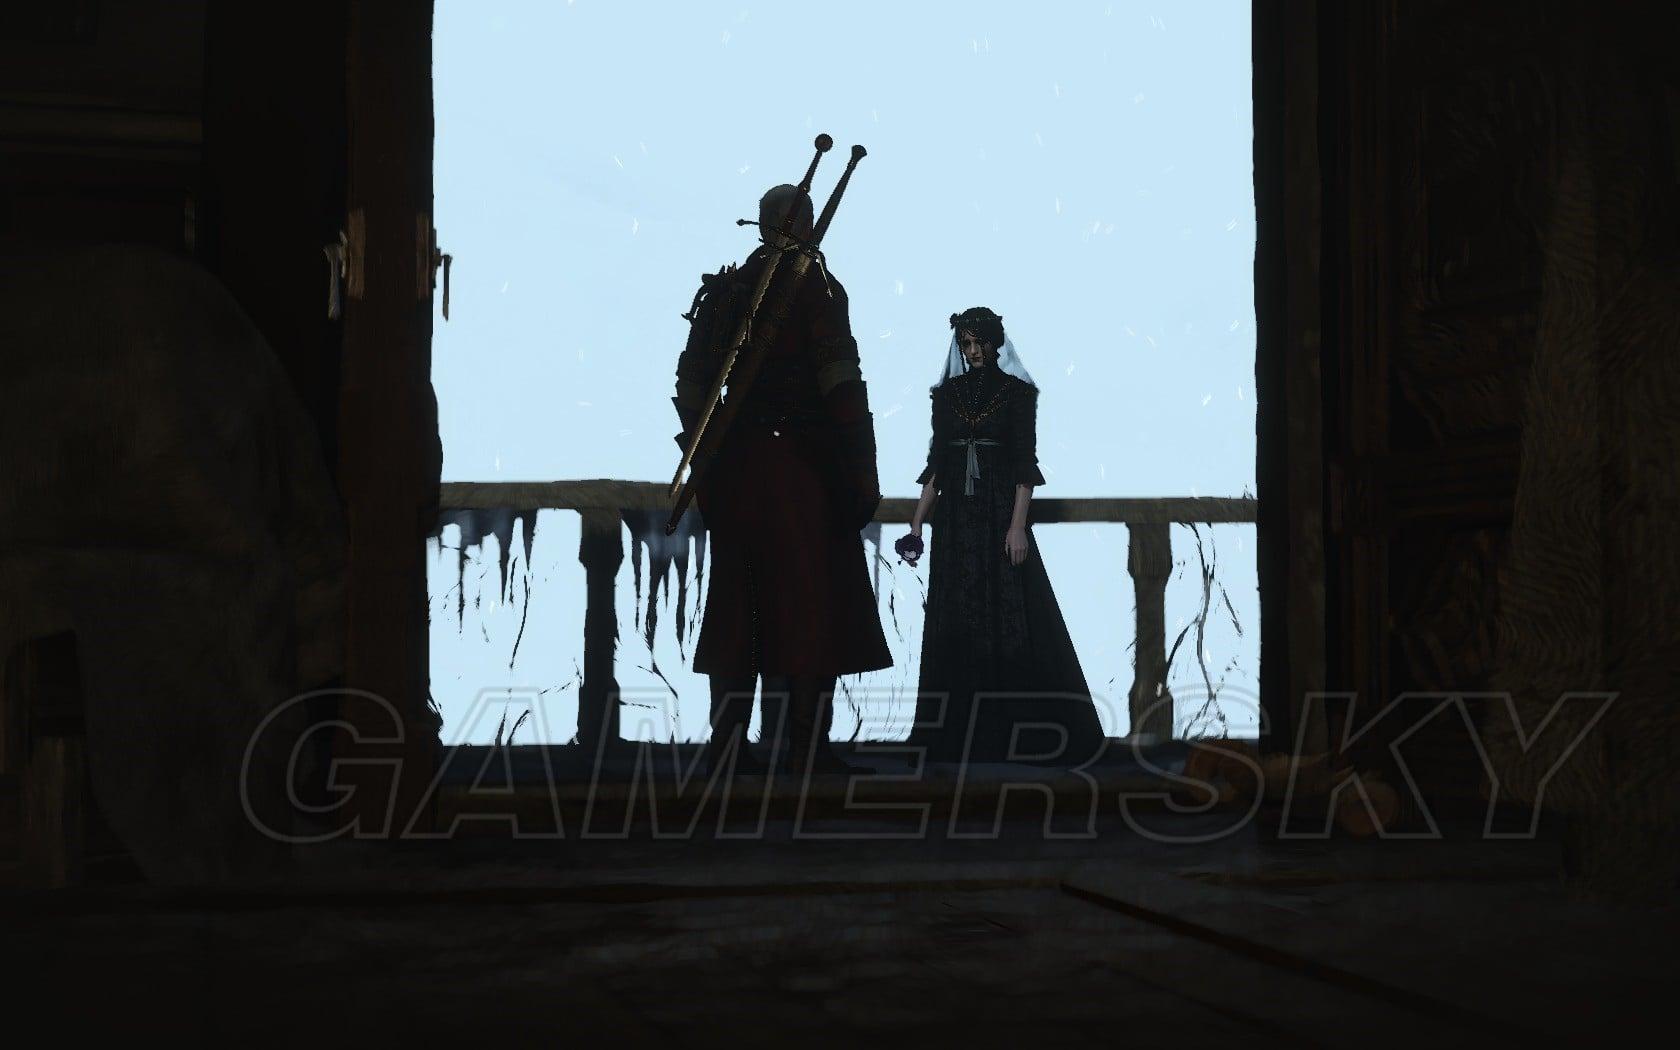 巫師3 Olgierd無傷打法 無傷不喝葯30s速攻婚姻回憶Olgierd攻略